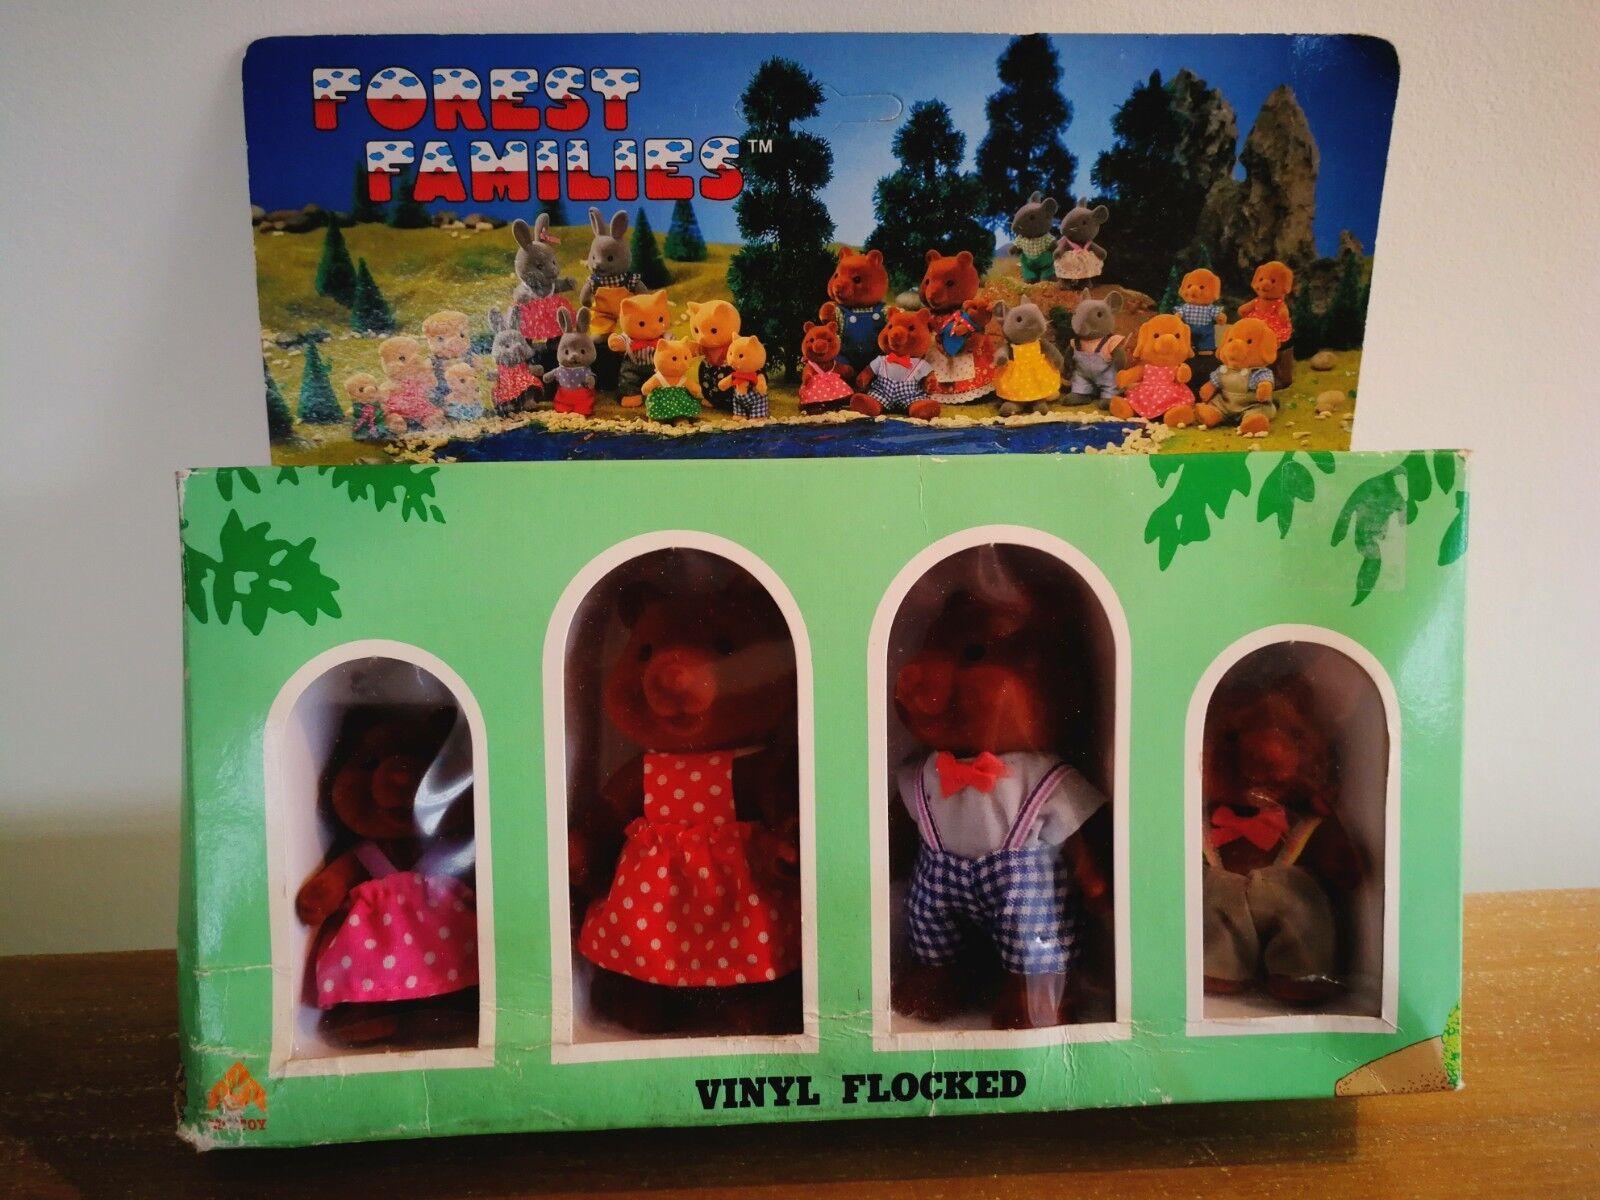 Le famiglie della Foresta/baerenwald serie di giocattoli-Bear Family